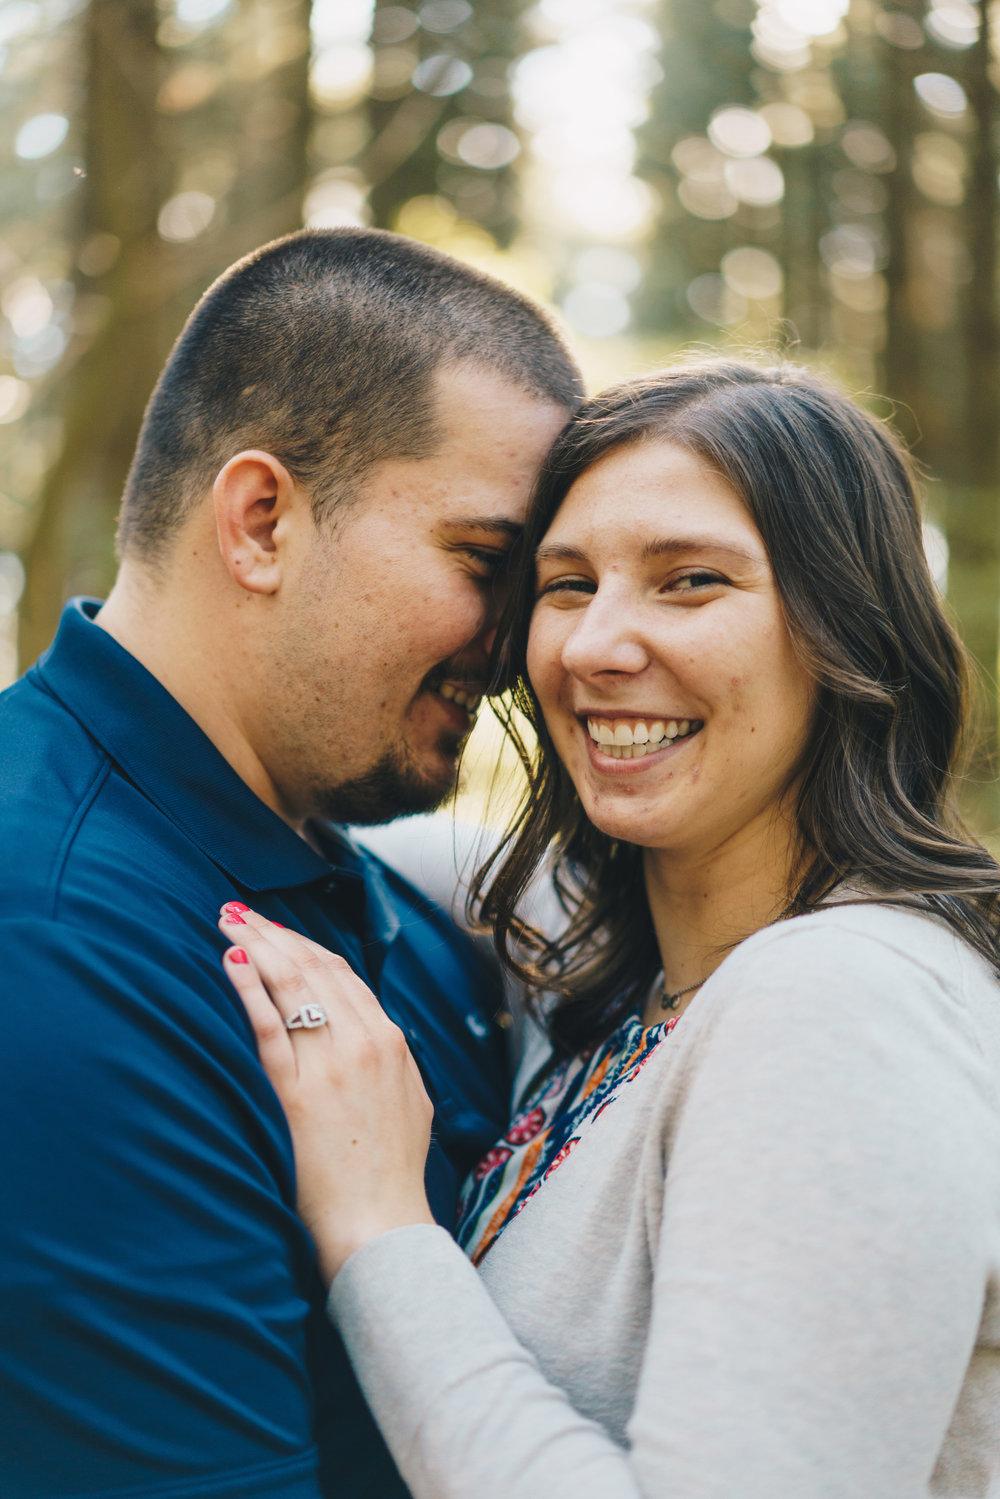 Nashville Wedding Photographer_K&M Engagement Session-6